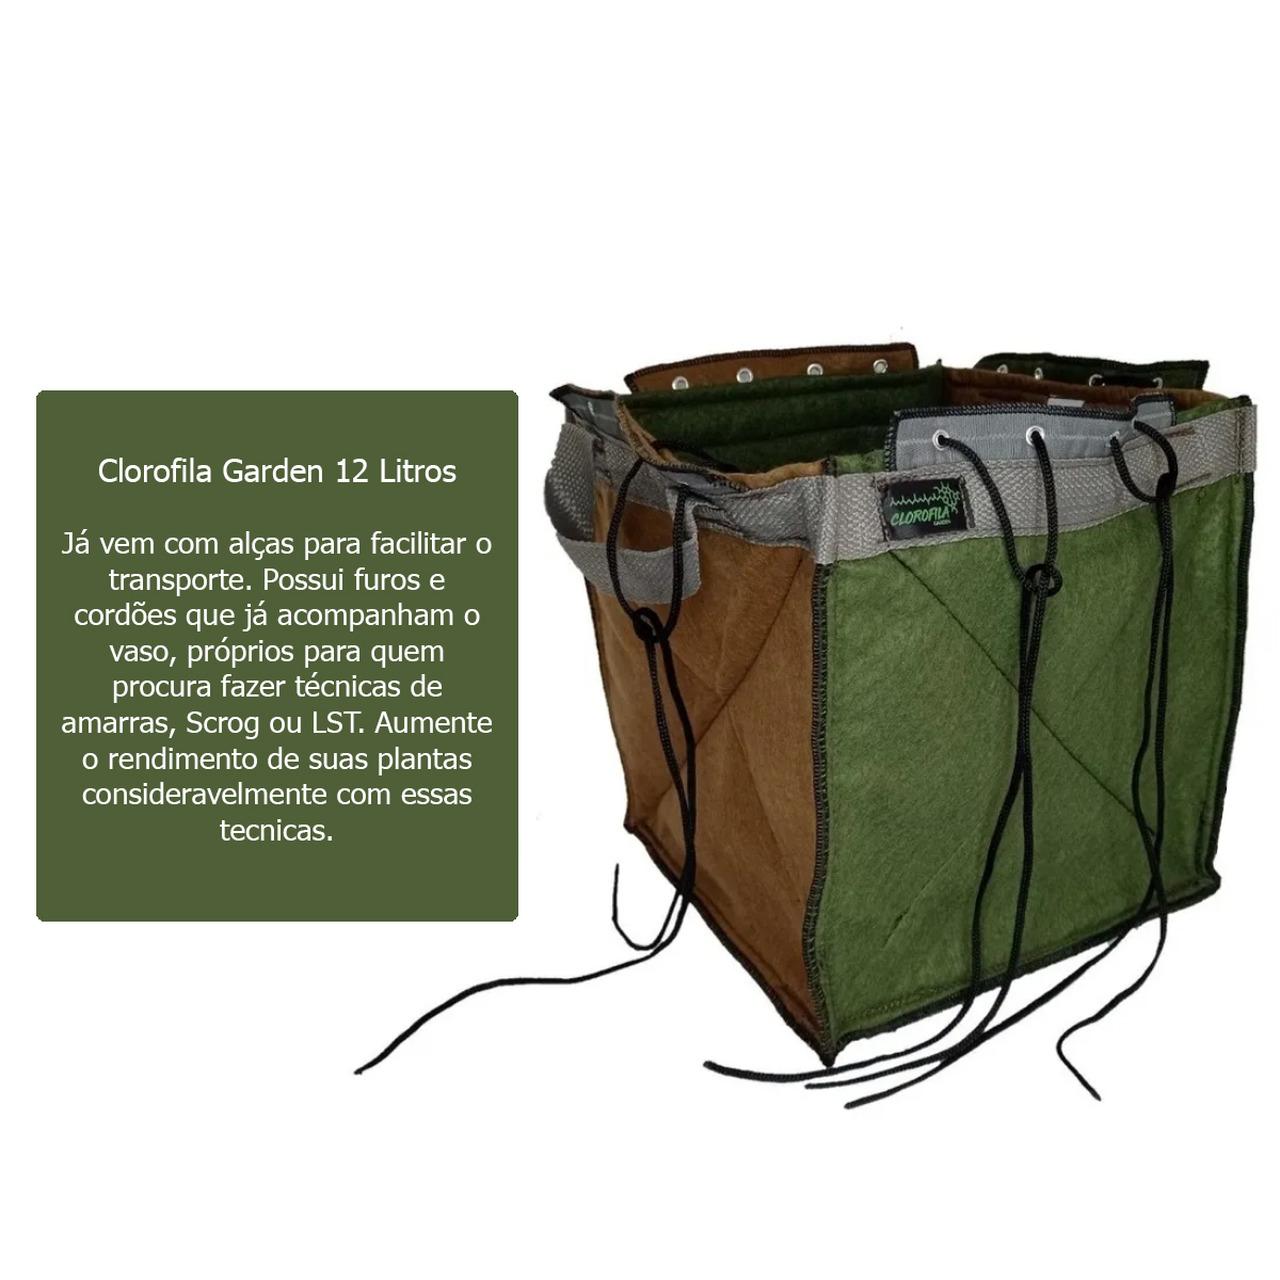 Vaso de Feltro de 12 Litros C/ Alças E Amarras Clorofila Garden